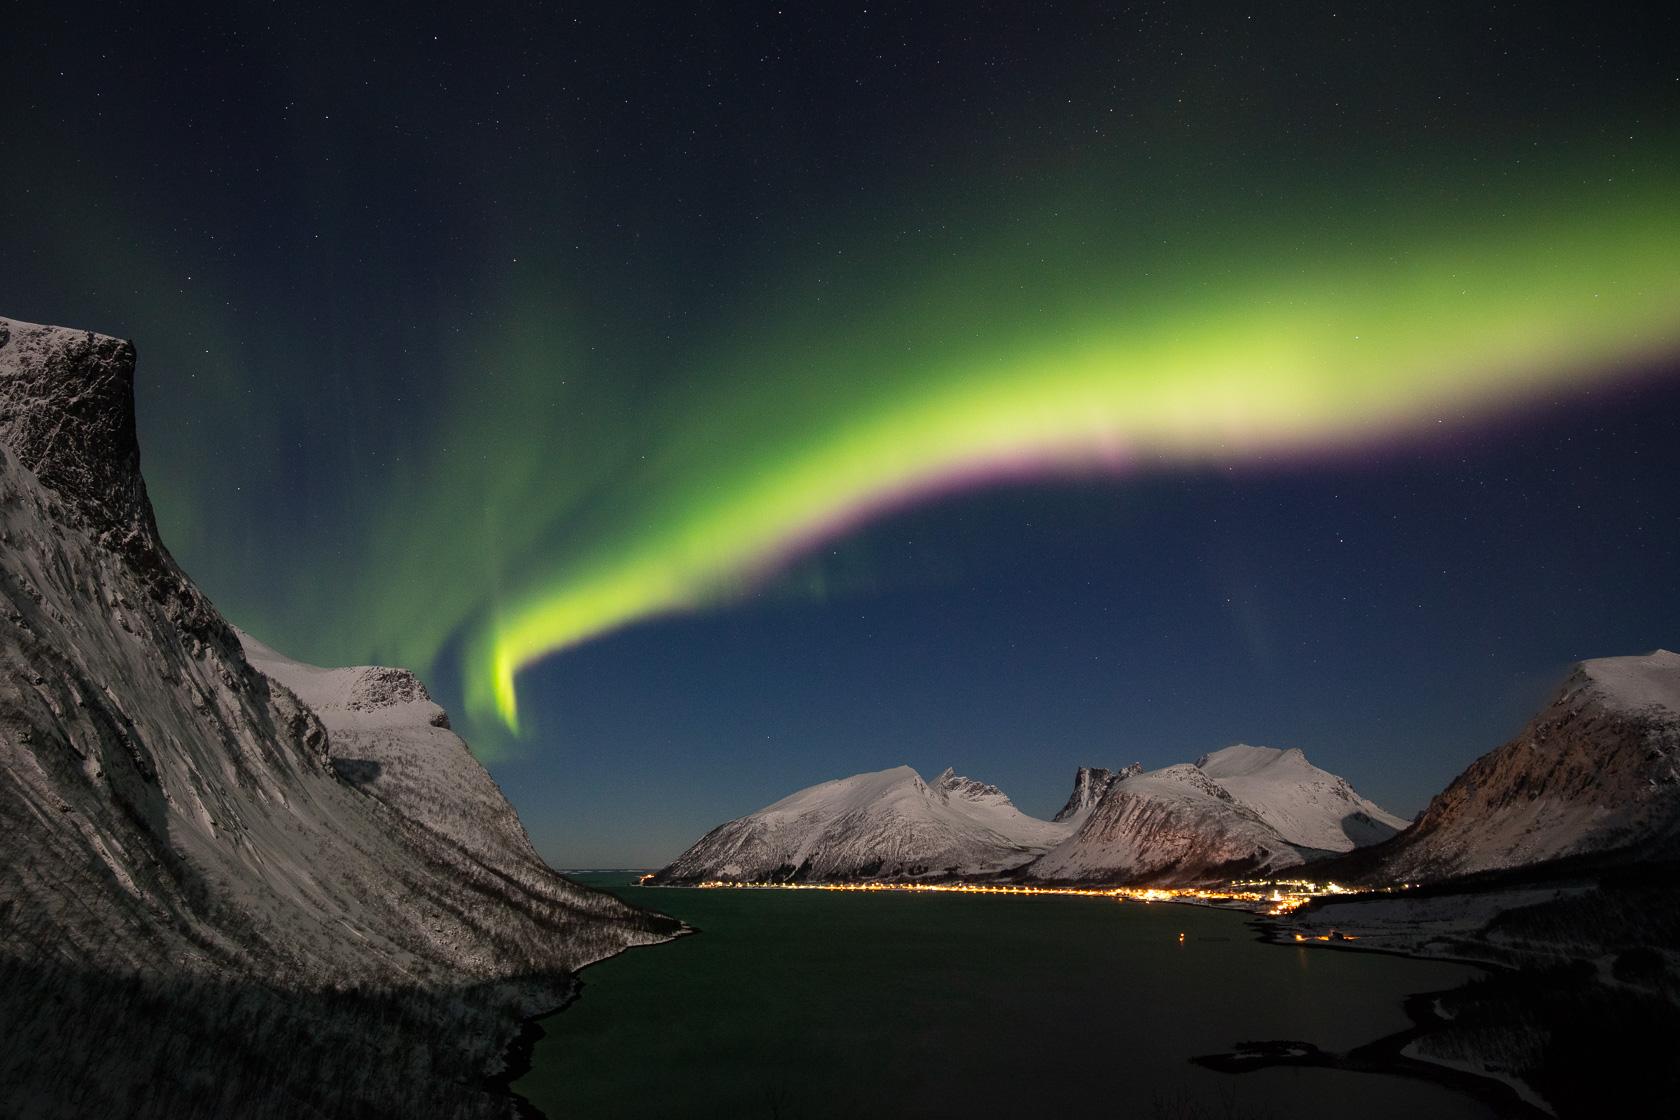 aurore boréale sur Bergsbotn, dans l'île de Senja en Norvège, lors d'un voyage photo